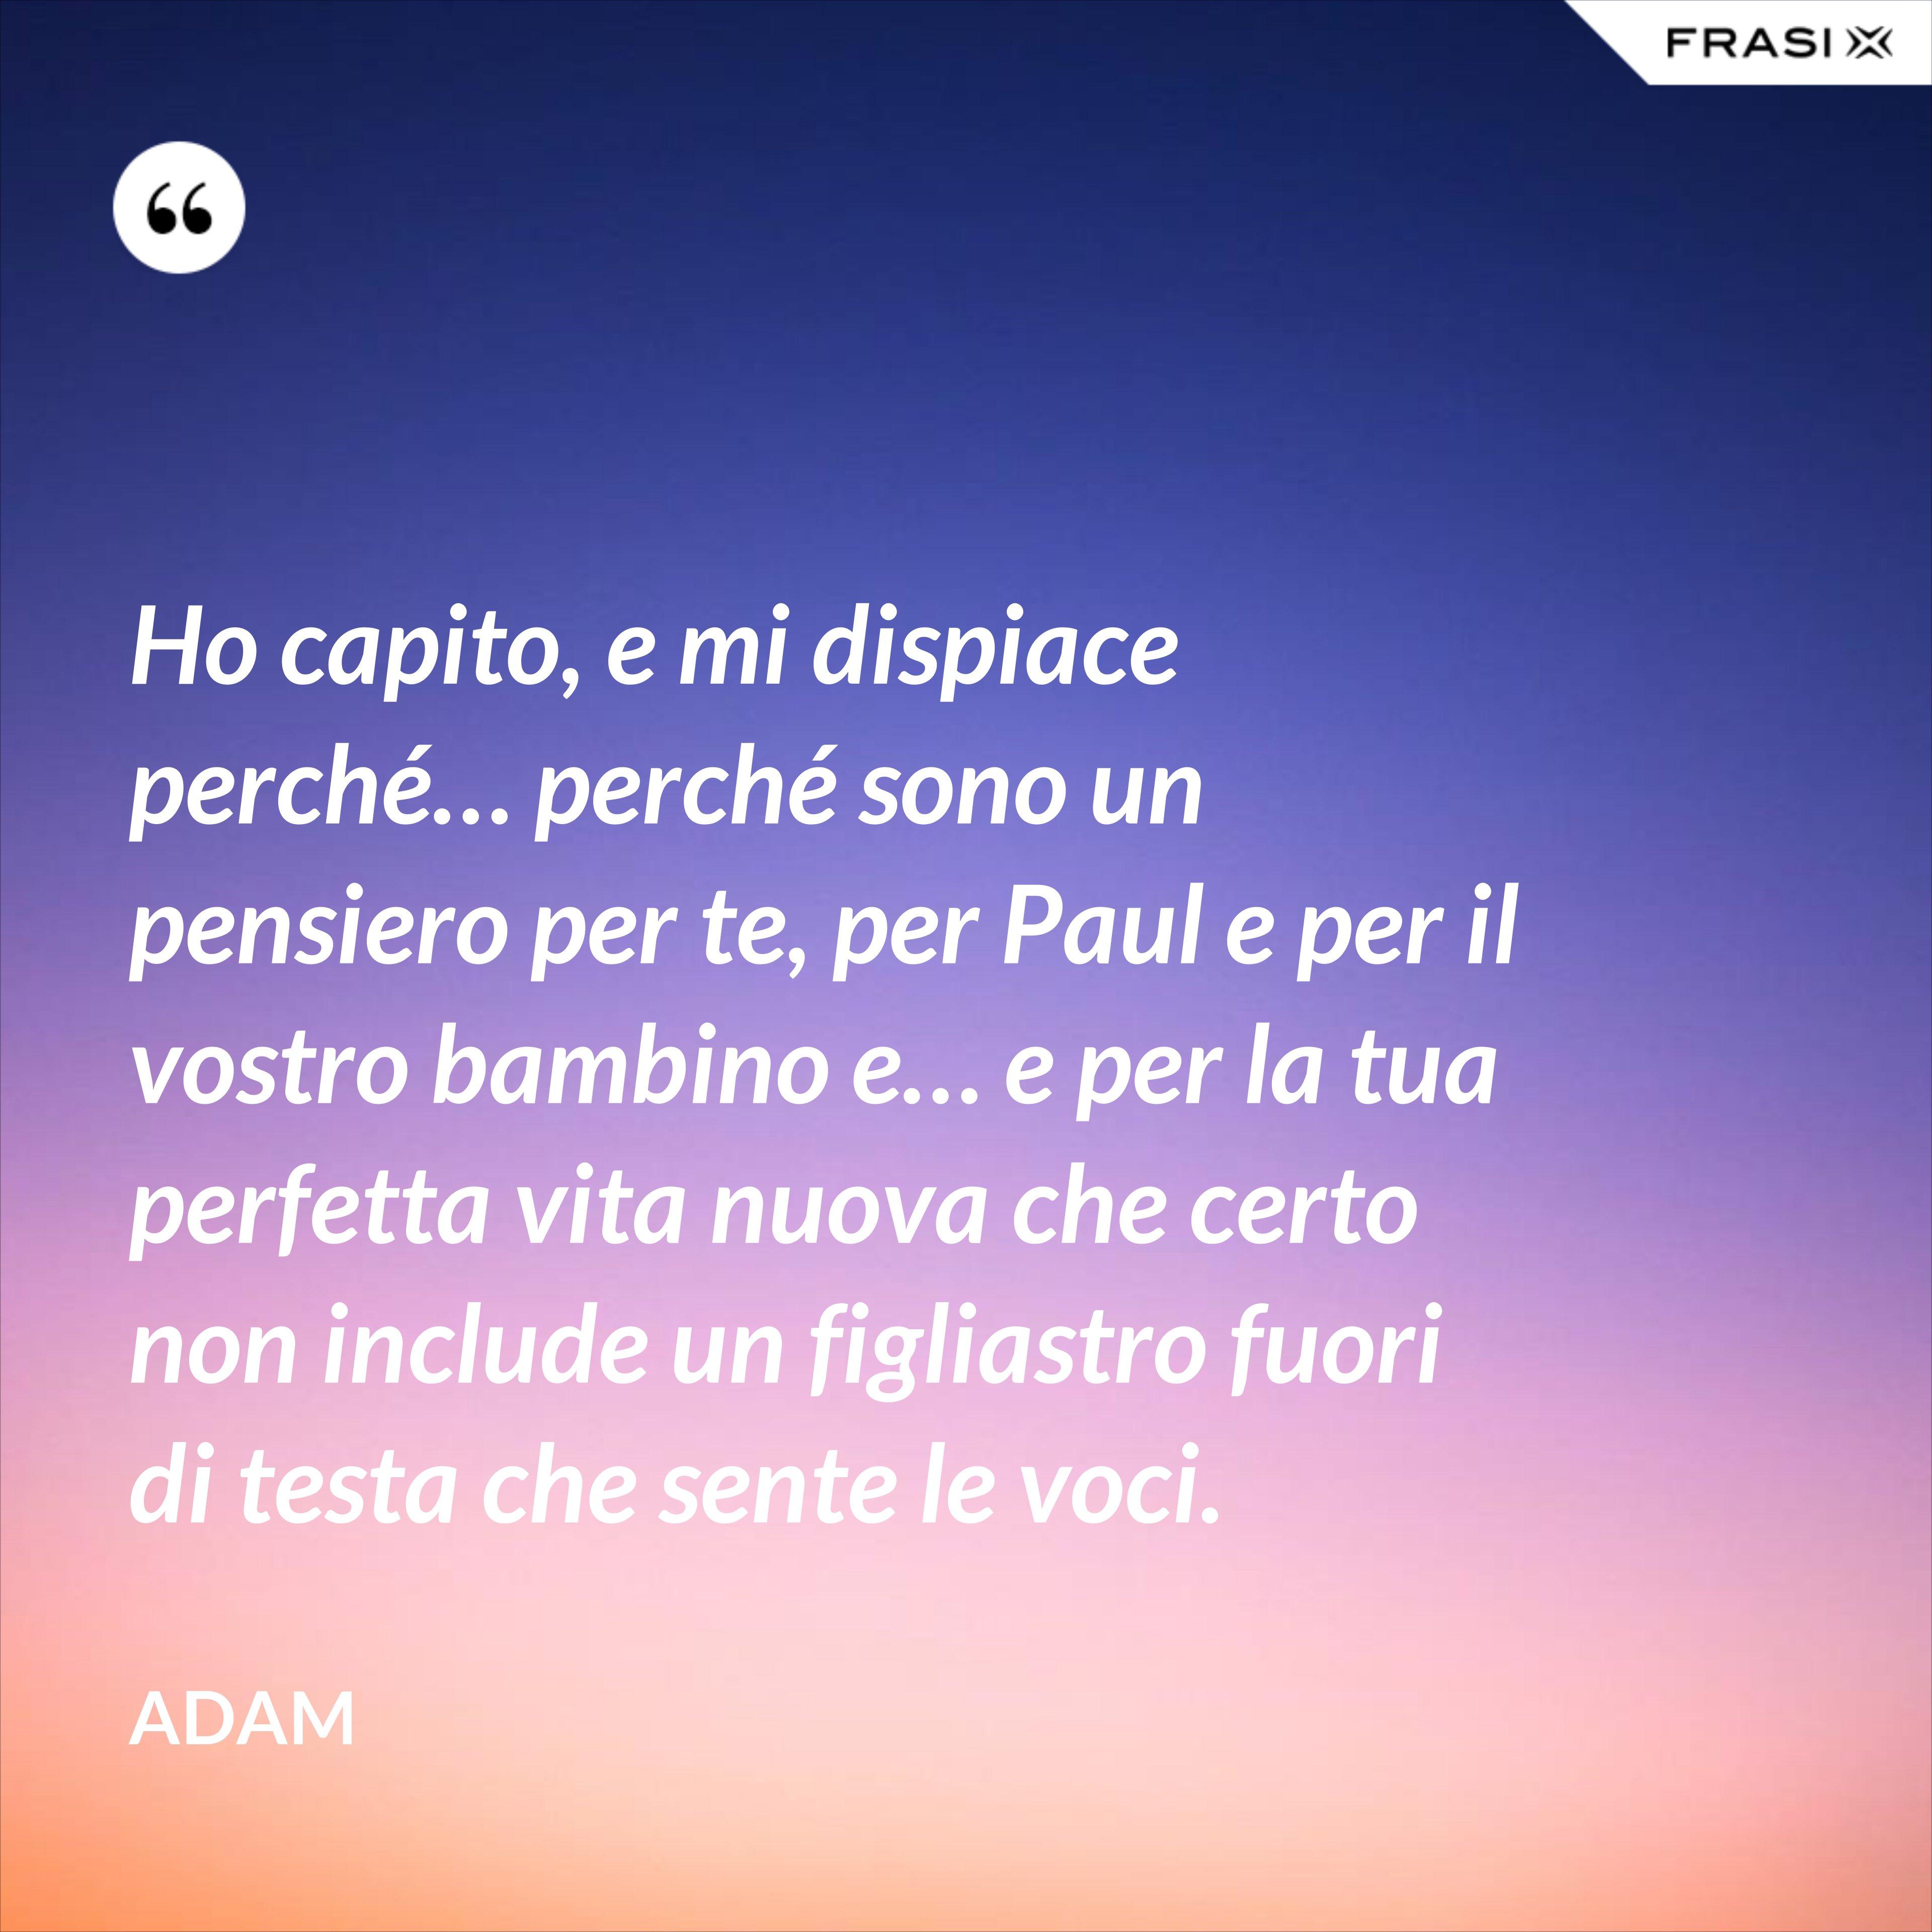 Ho capito, e mi dispiace perché… perché sono un pensiero per te, per Paul e per il vostro bambino e… e per la tua perfetta vita nuova che certo non include un figliastro fuori di testa che sente le voci. - Adam